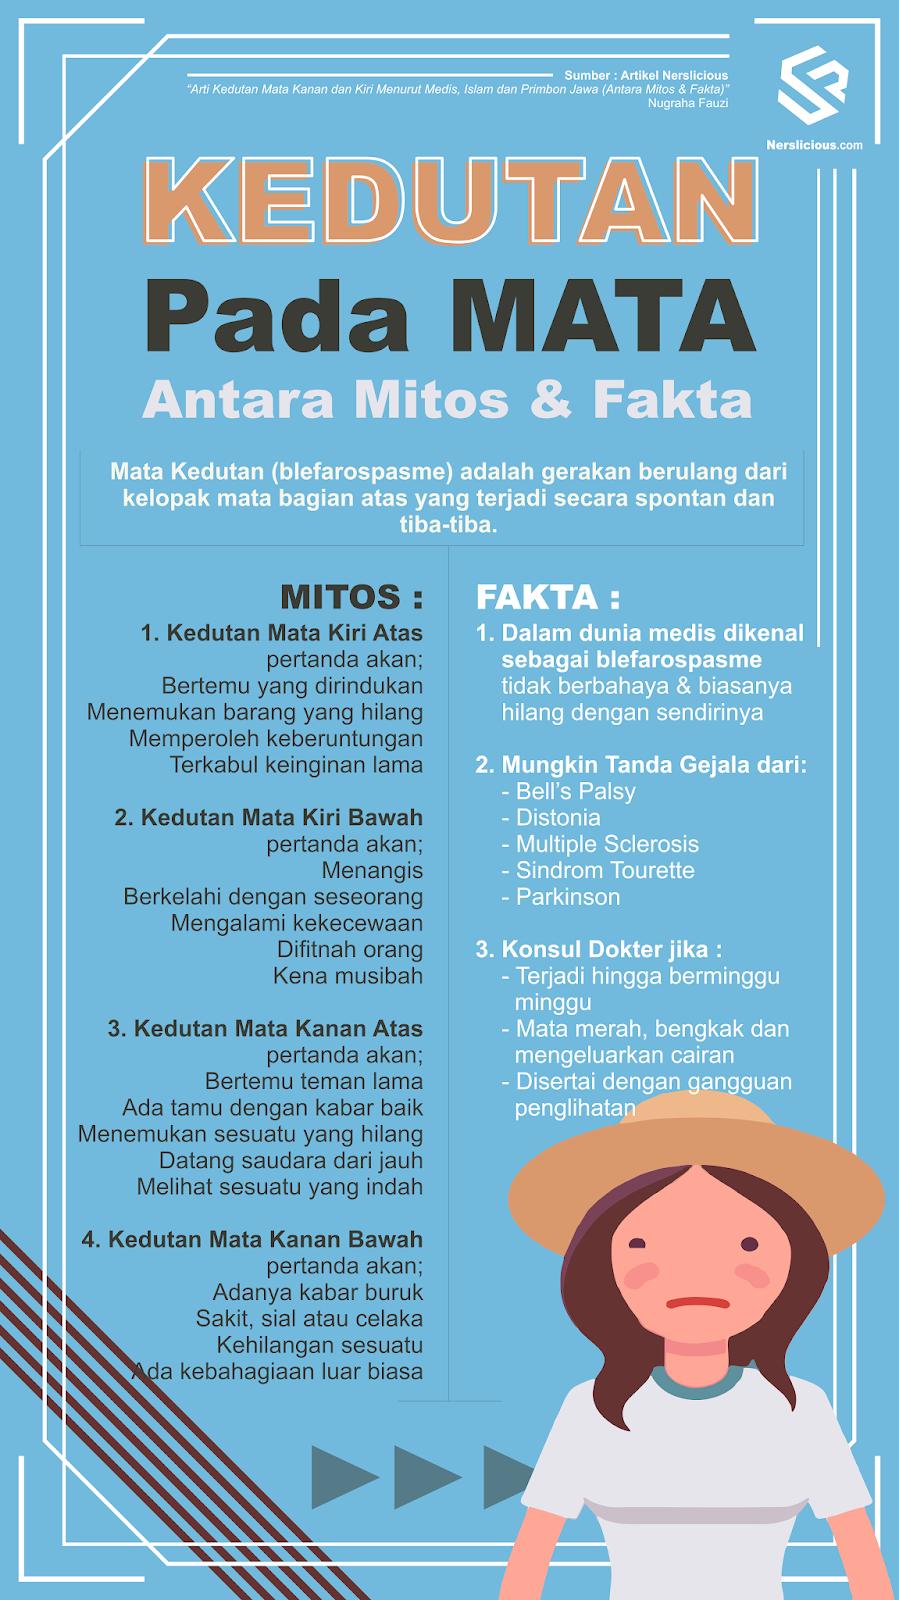 Arti Kedutan Mata Kanan dan Kiri Menurut Medis, Islam dan Primbon Jawa (Antara Mitos & Fakta)